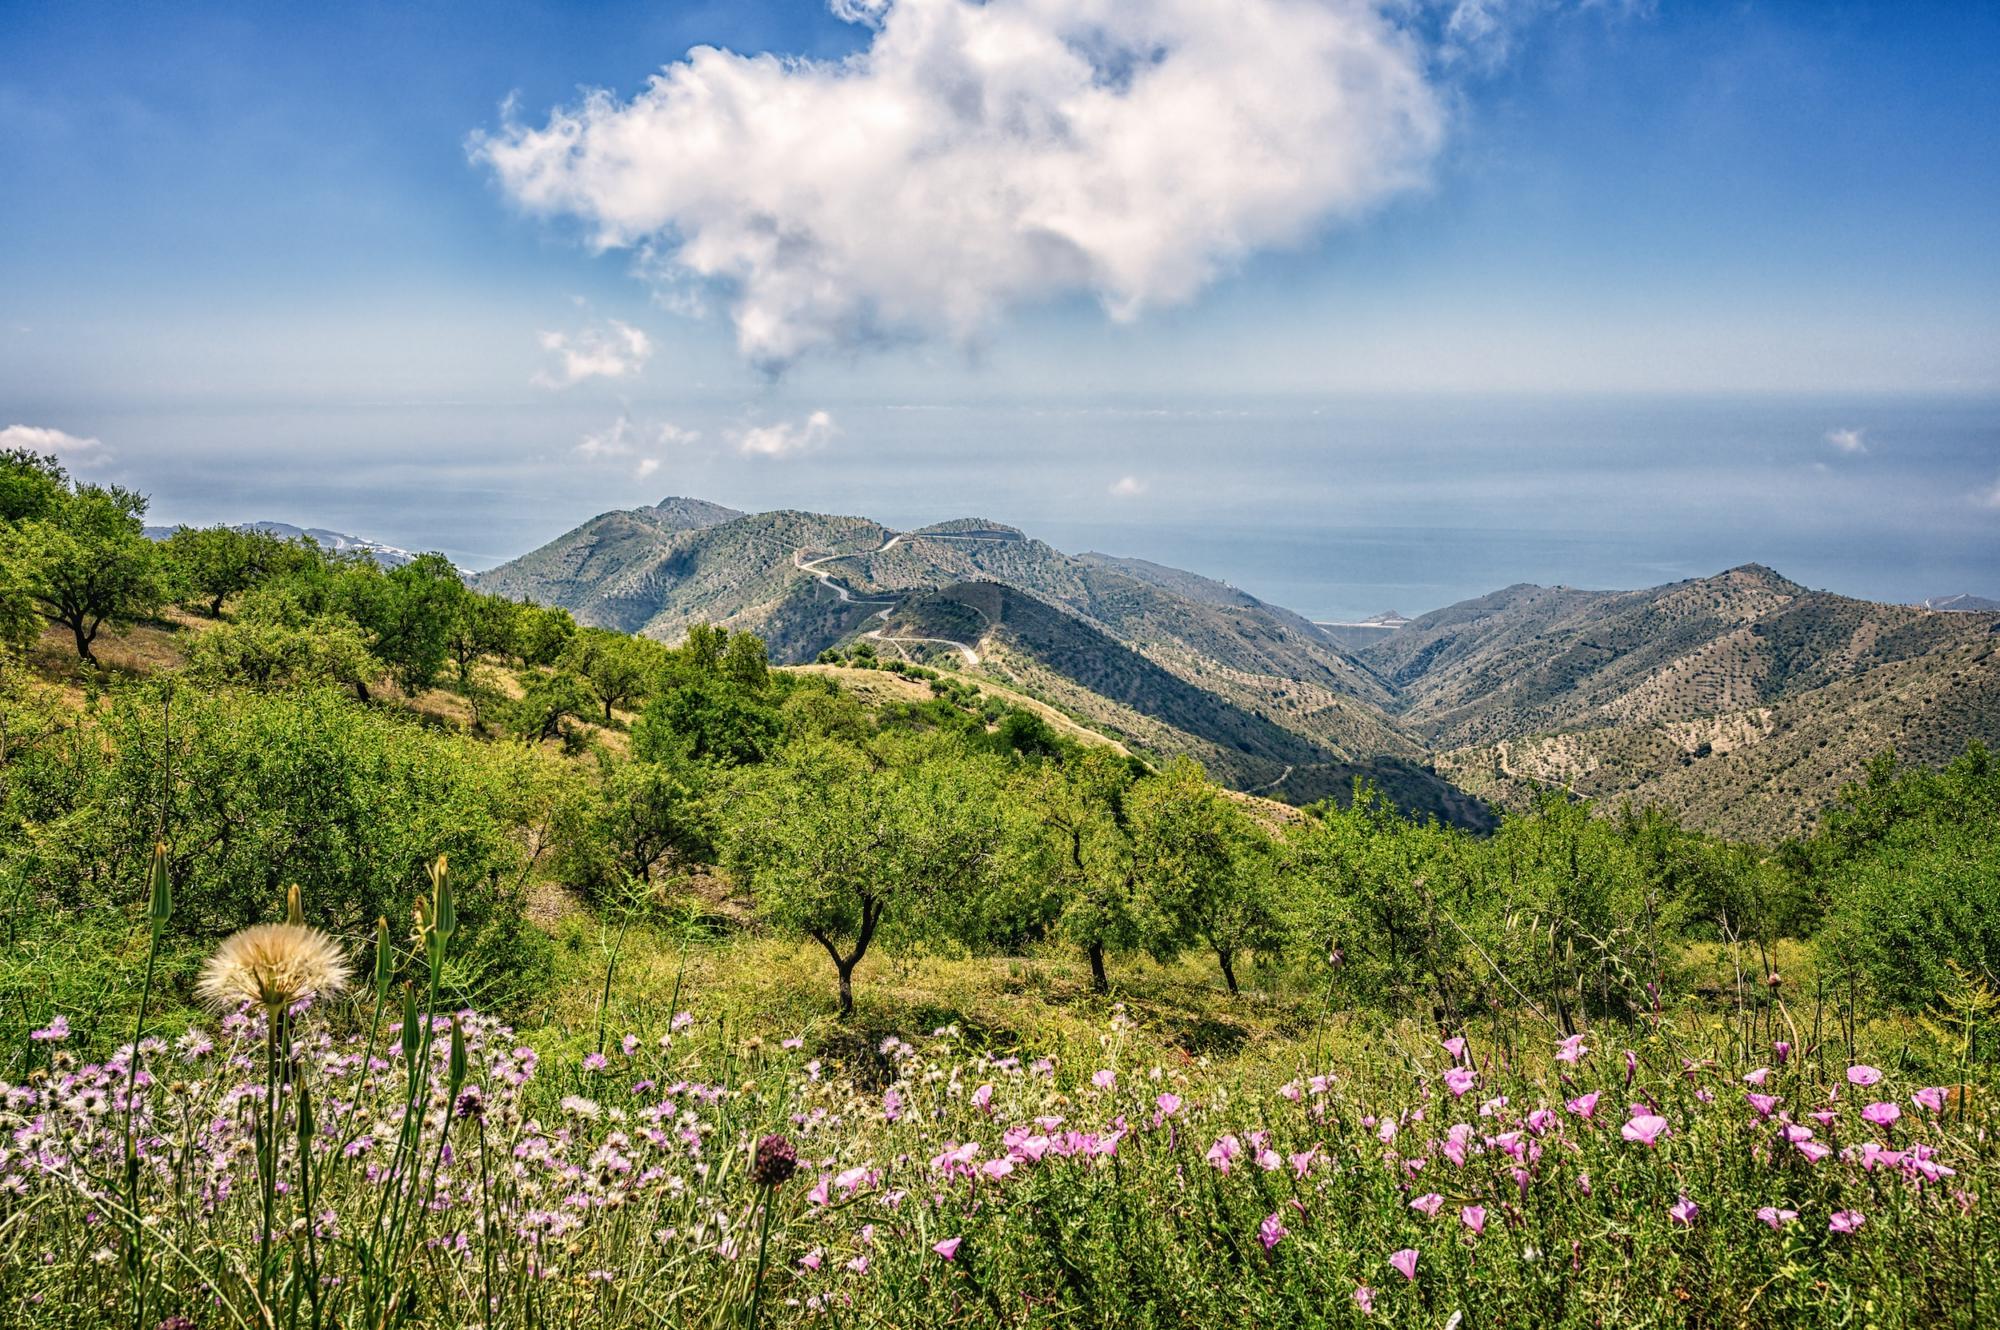 Campervan Hire in South Spain | Motorhome Rental in Southern Spain